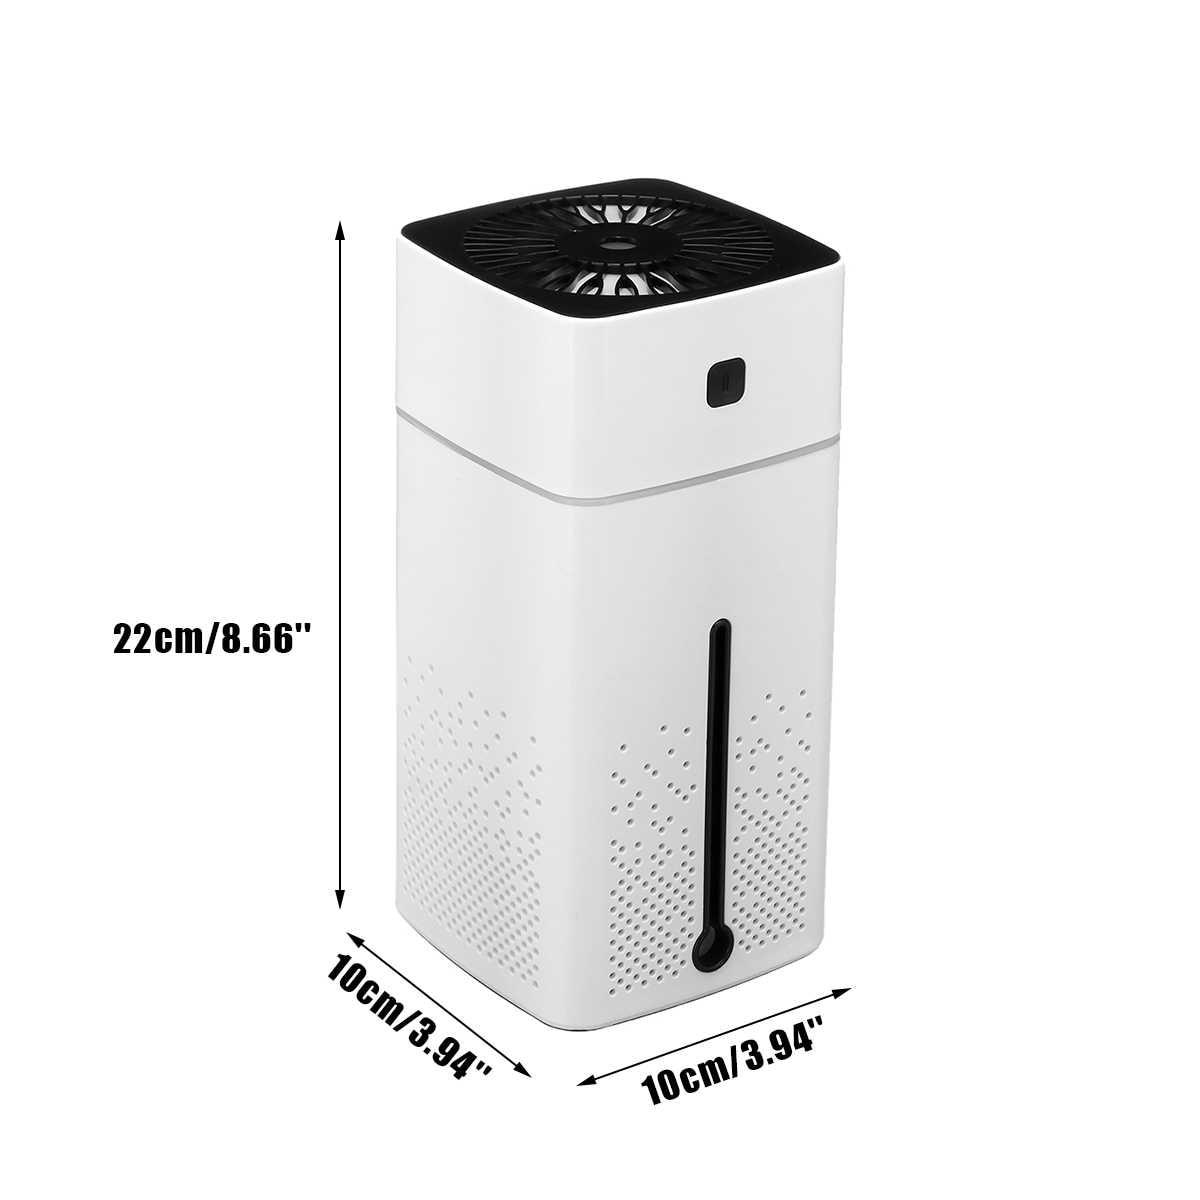 家庭用空気清浄エッセンシャルアロマオイルディフューザー 7 色 led ナイトライト清浄機オフィス車室超音波 usb 変更